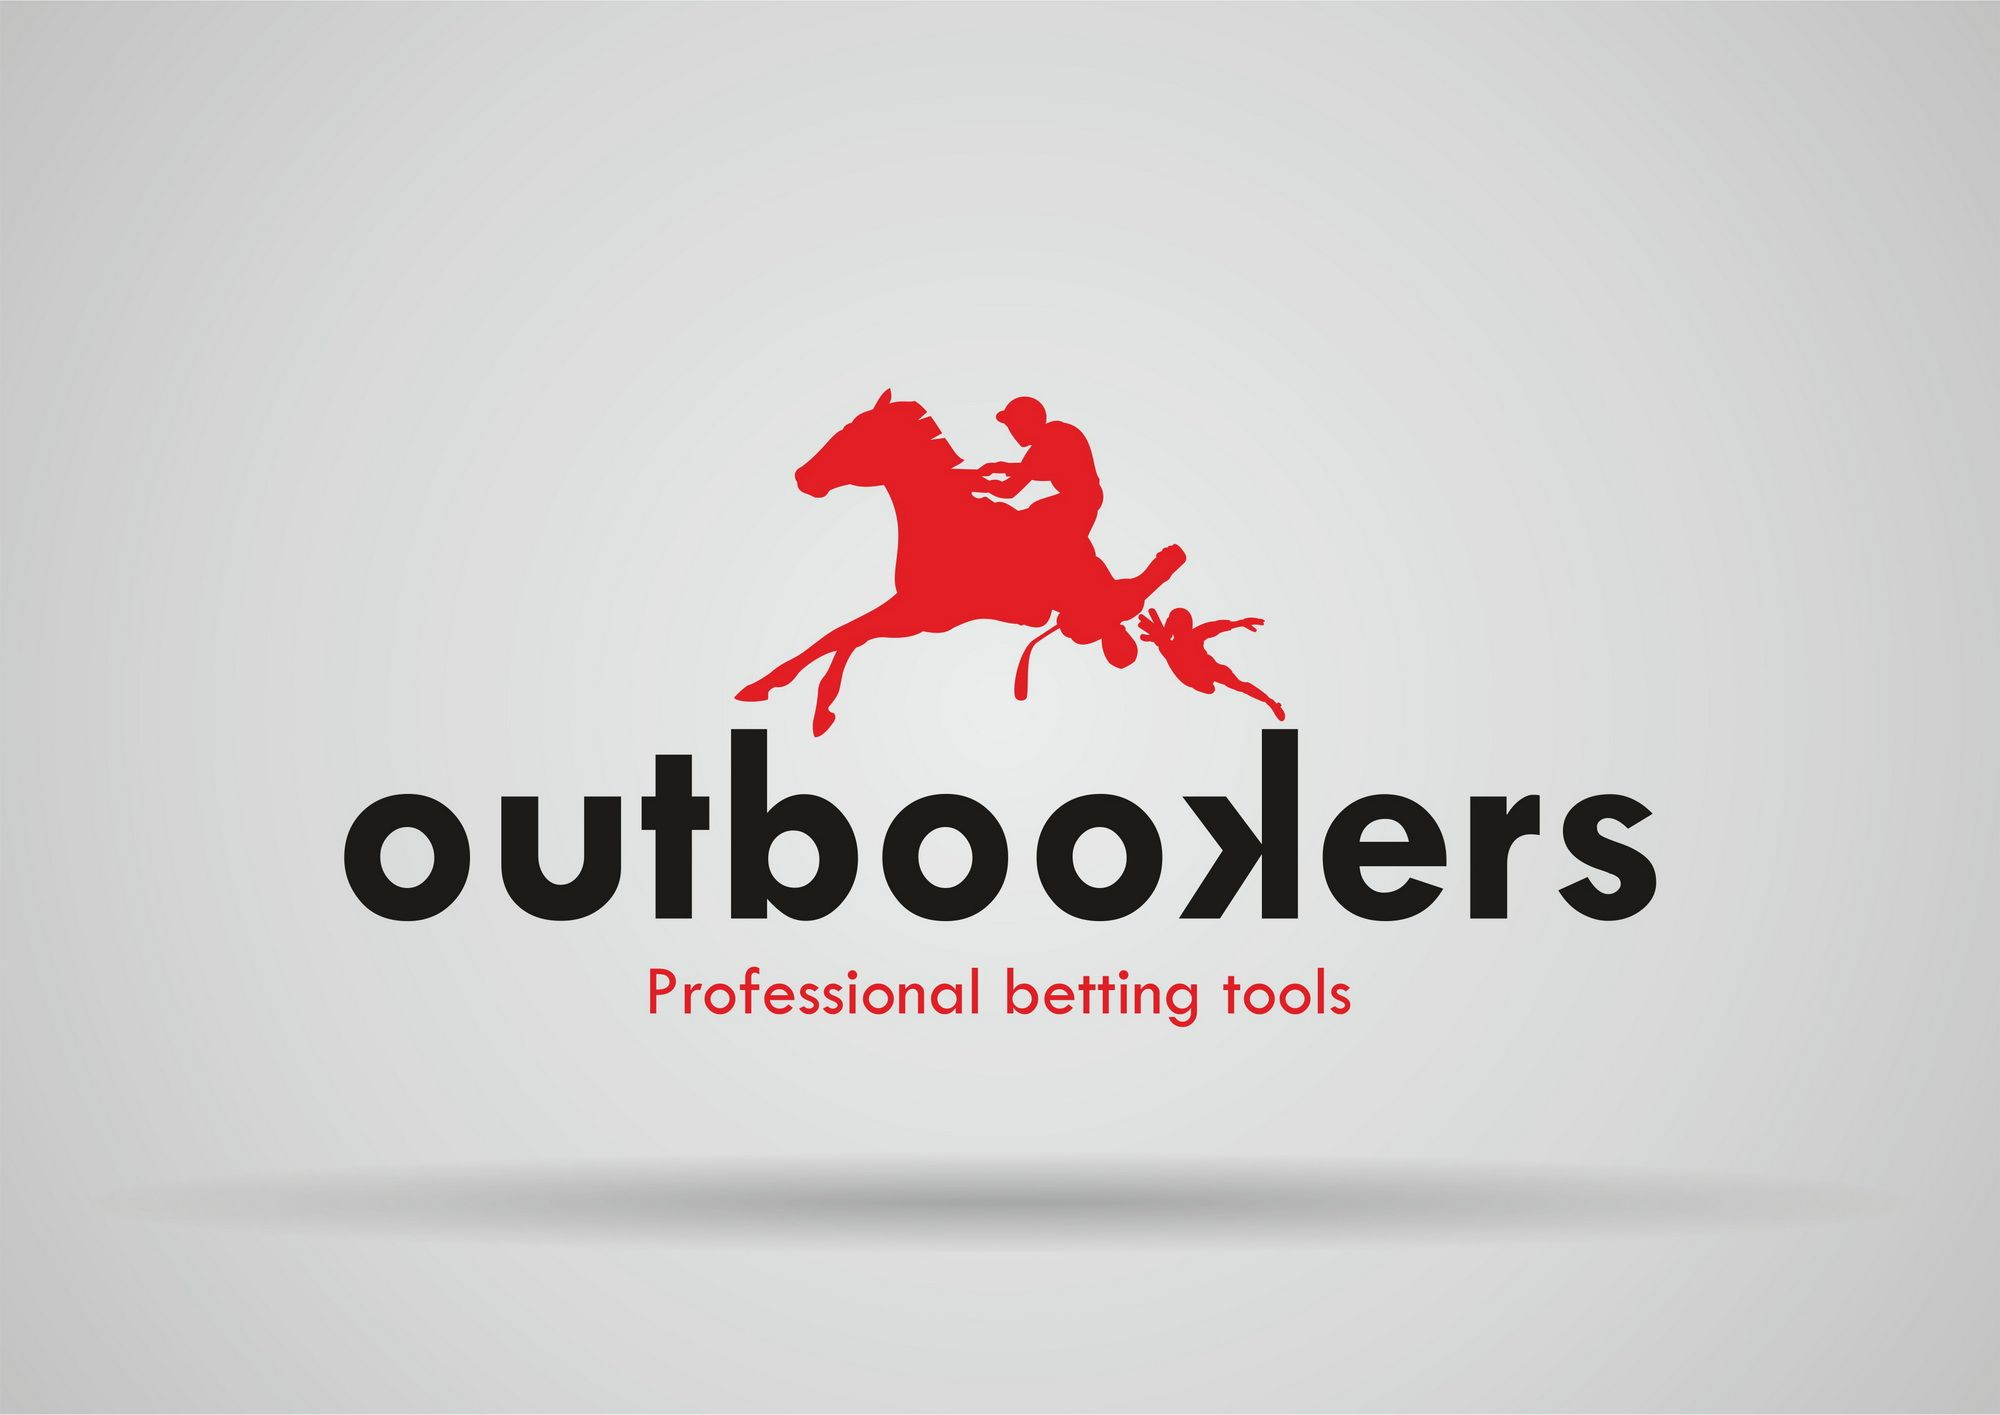 Образ лошади в логотипе (спортивная аналитика) - дизайнер Vlsdimir